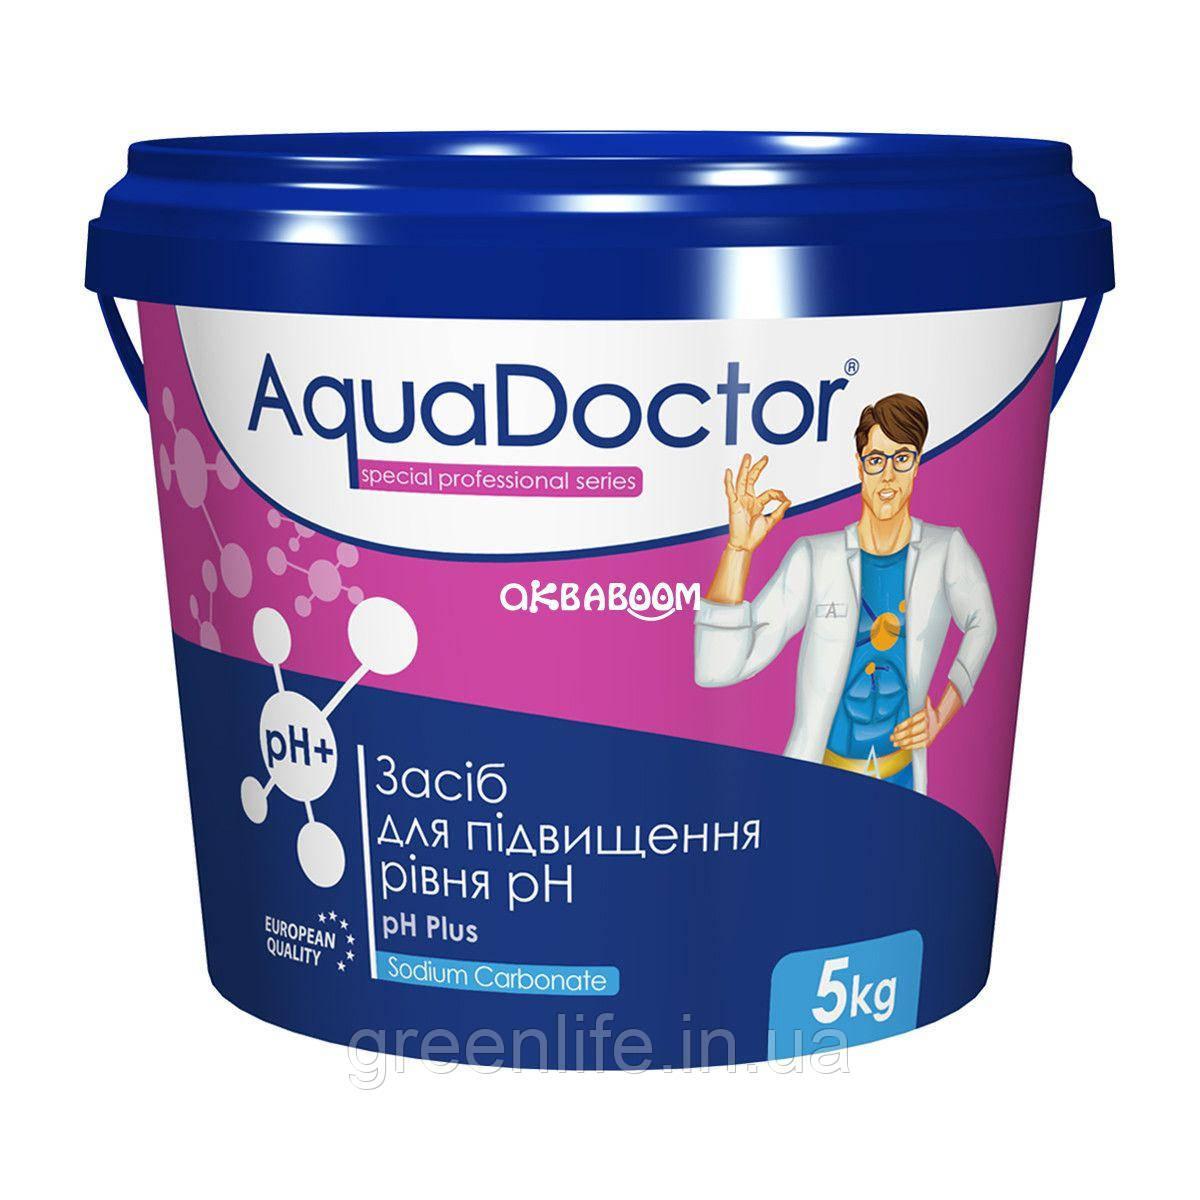 Средство для повышения уровня pH AquaDoctor pH Plus, в гранулах 5кг